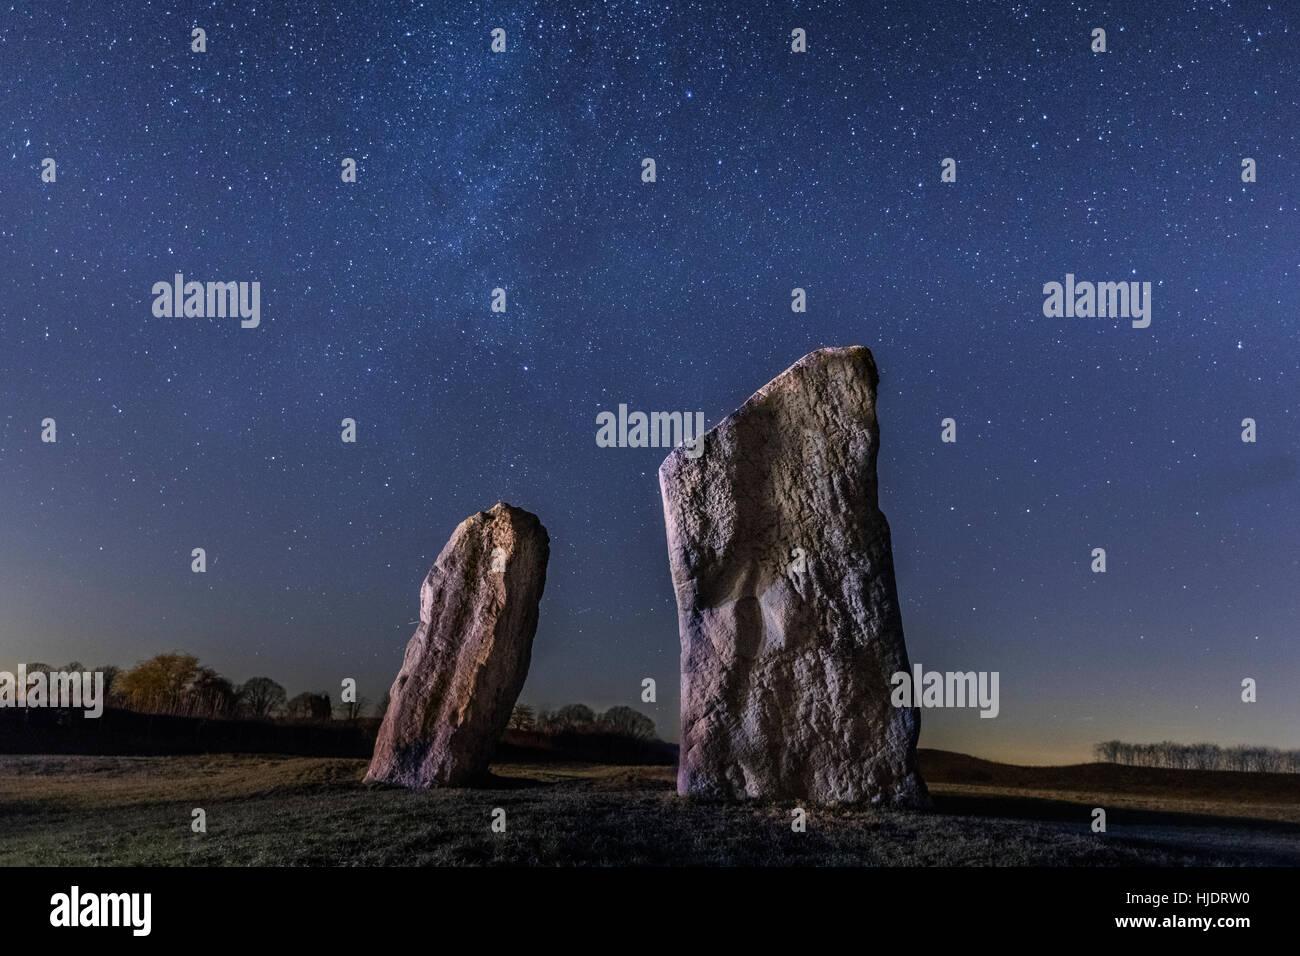 Anillos de Avebury, estrella de la fotografía, Wiltshire, Inglaterra, Reino Unido. Imagen De Stock